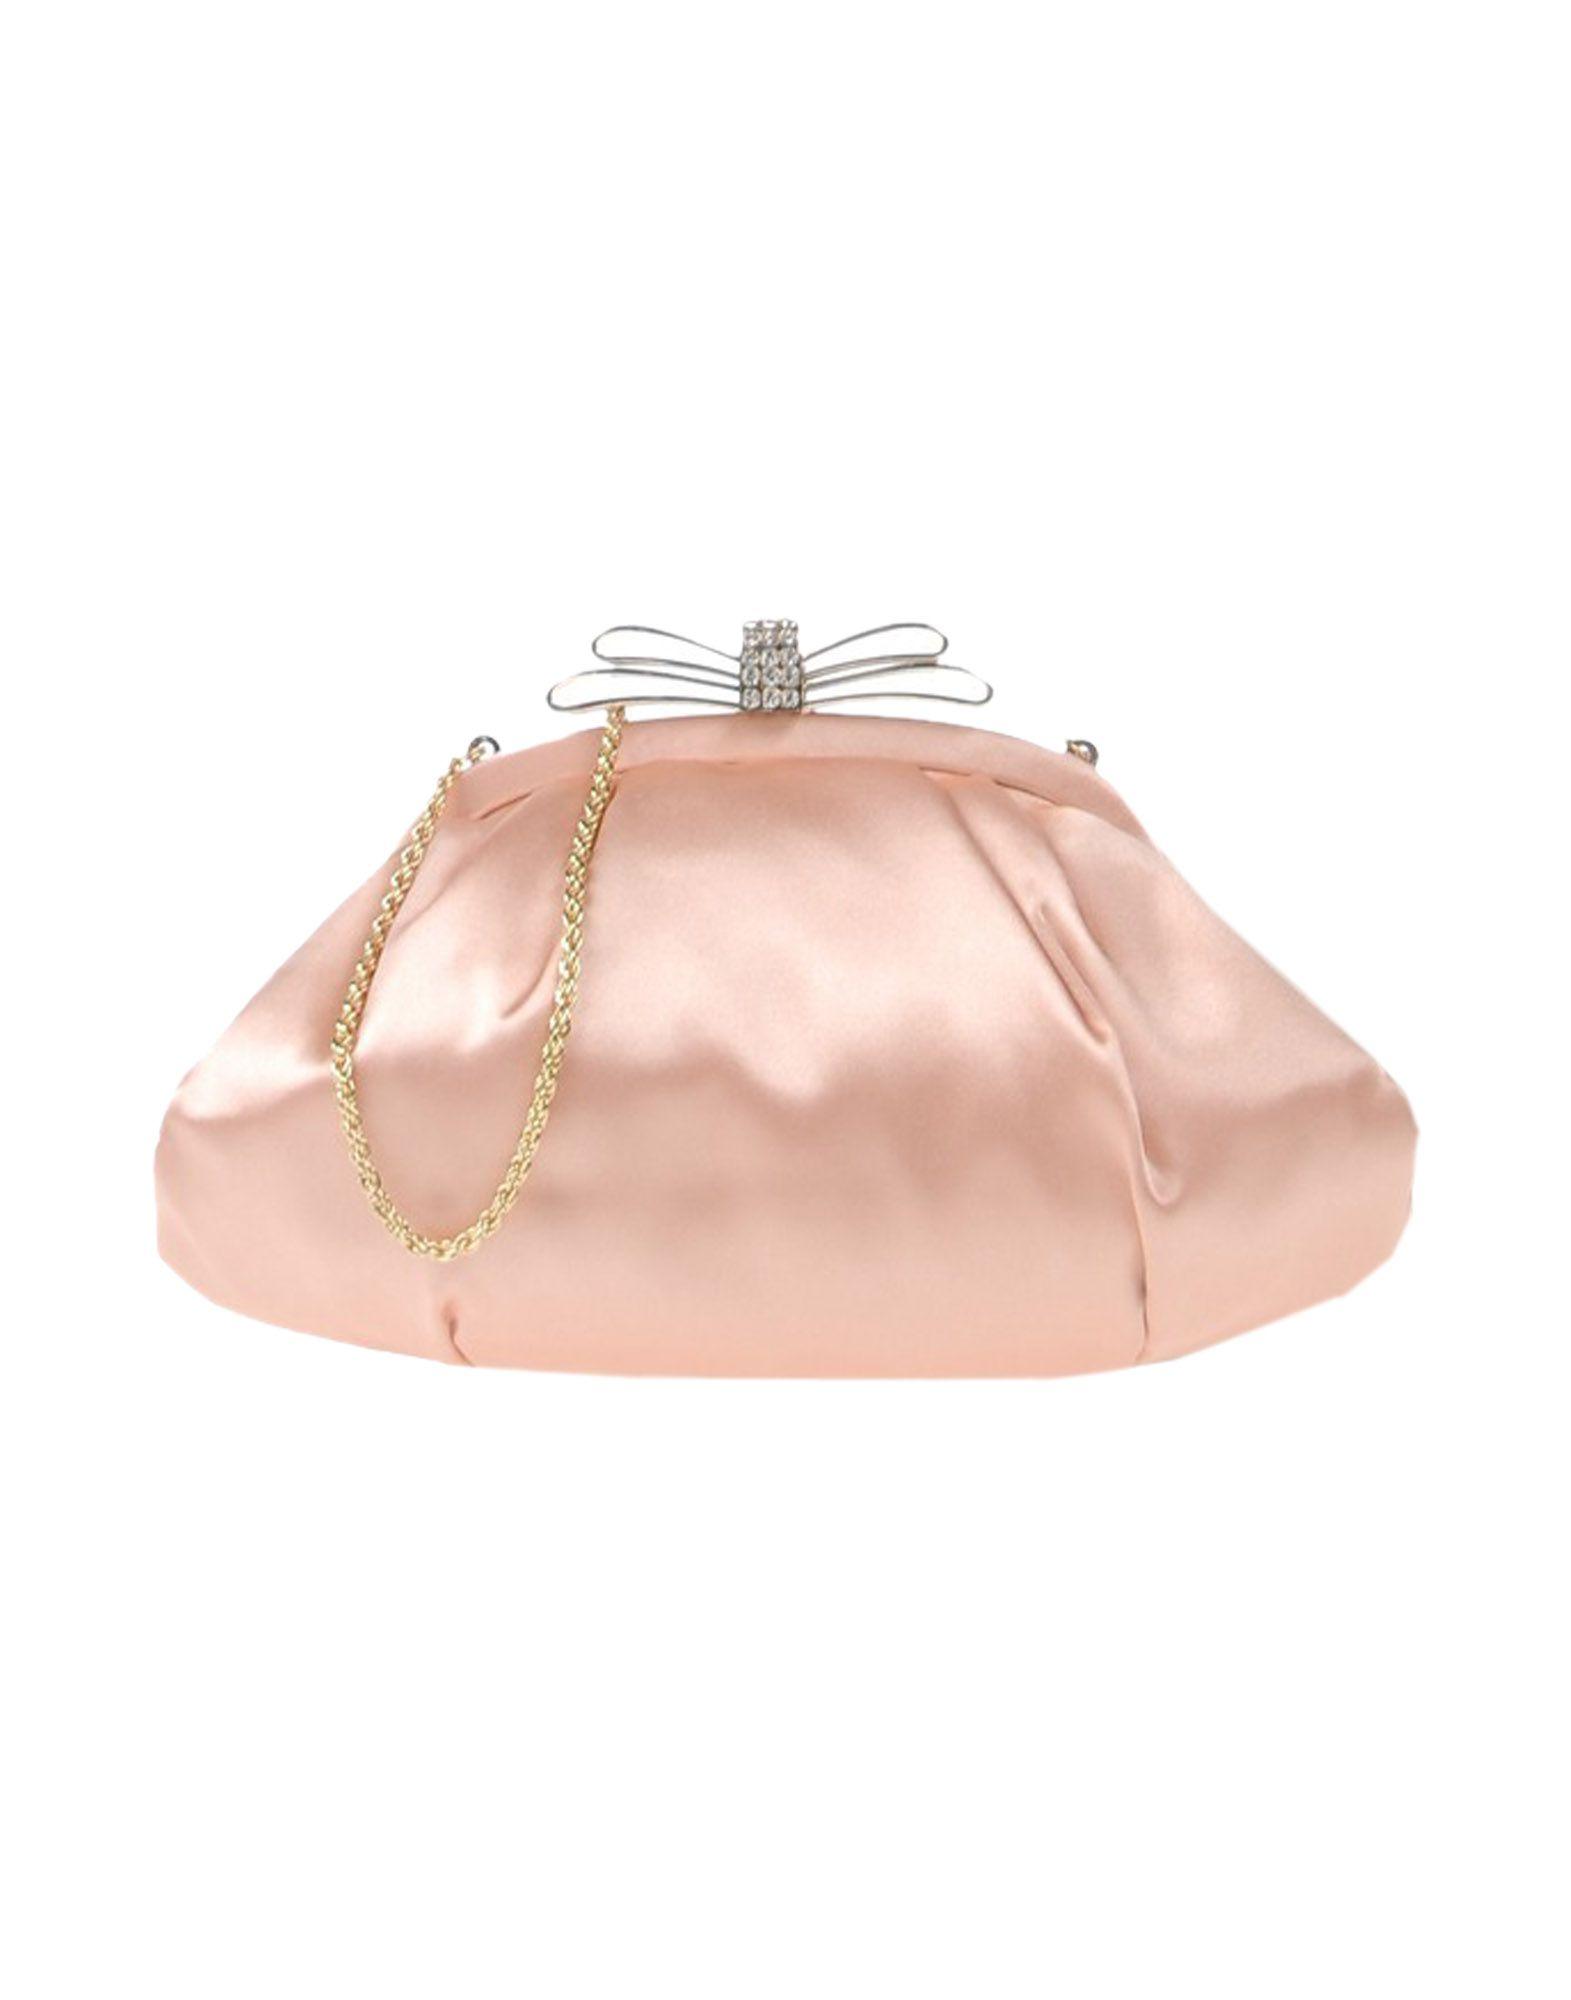 《送料無料》CHIARA P レディース ハンドバッグ ローズピンク 紡績繊維